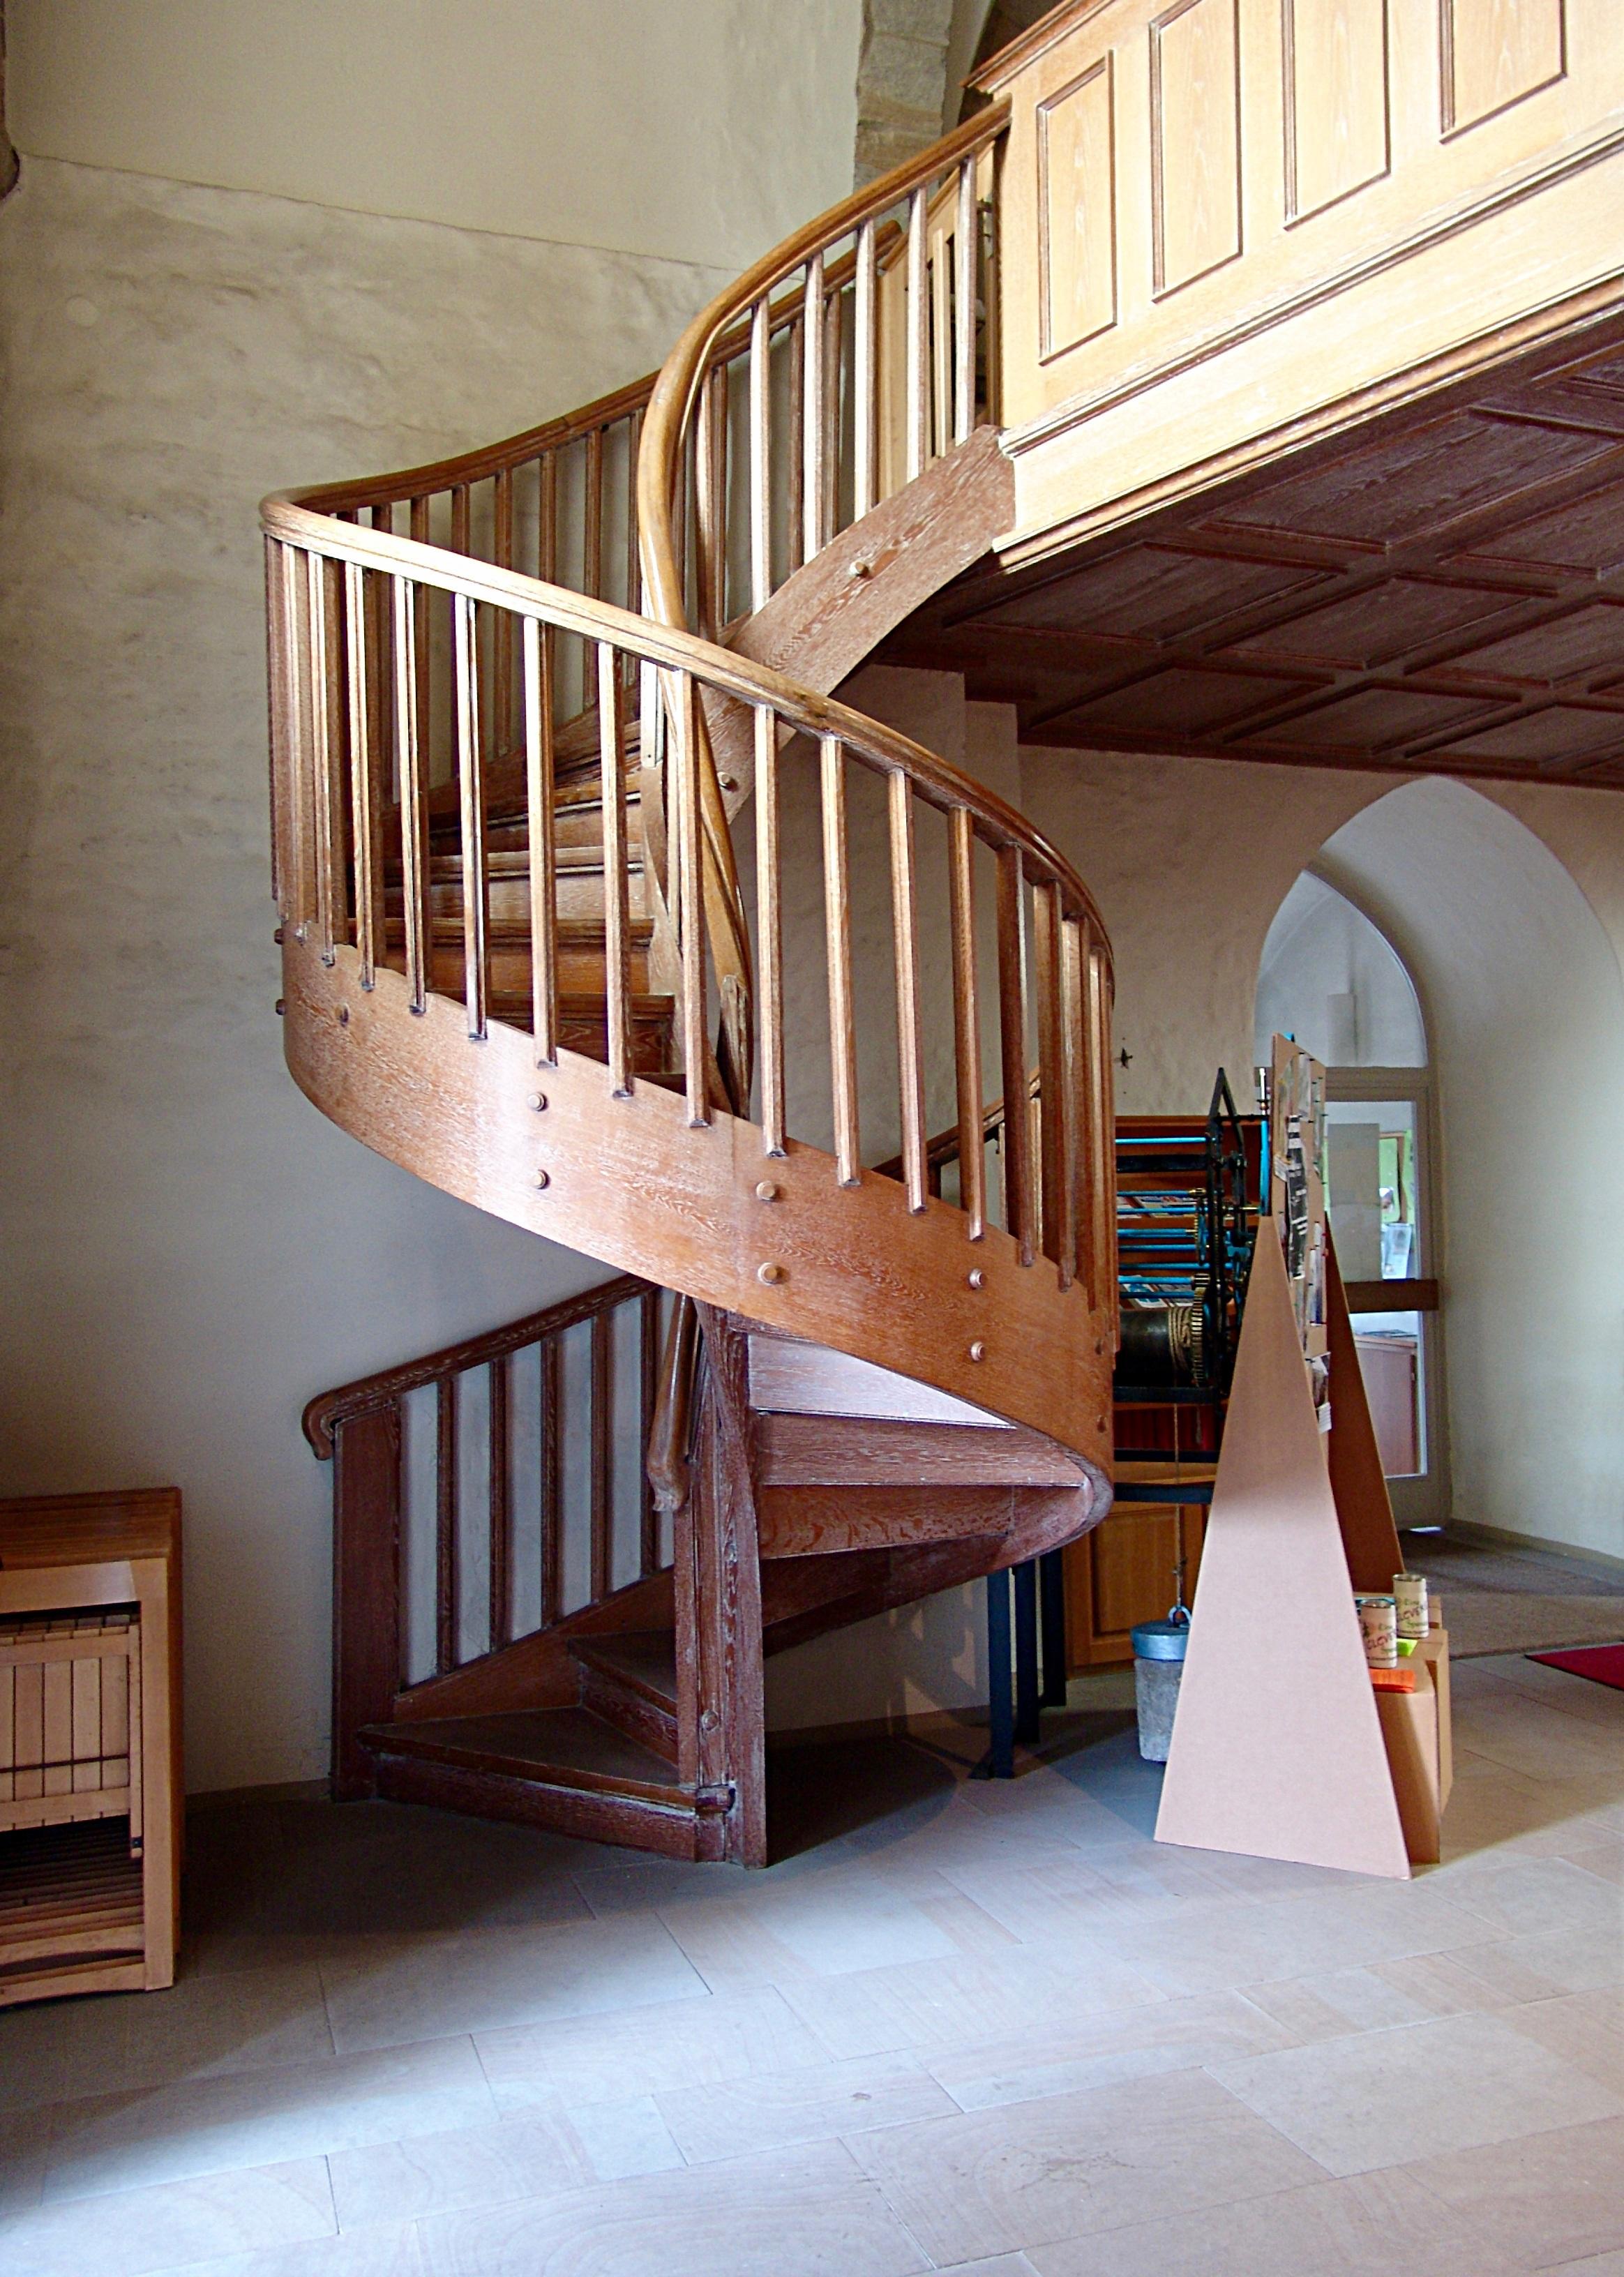 Fotos gratis arquitectura casa piso edificio - Disenos de escaleras de madera para interiores ...